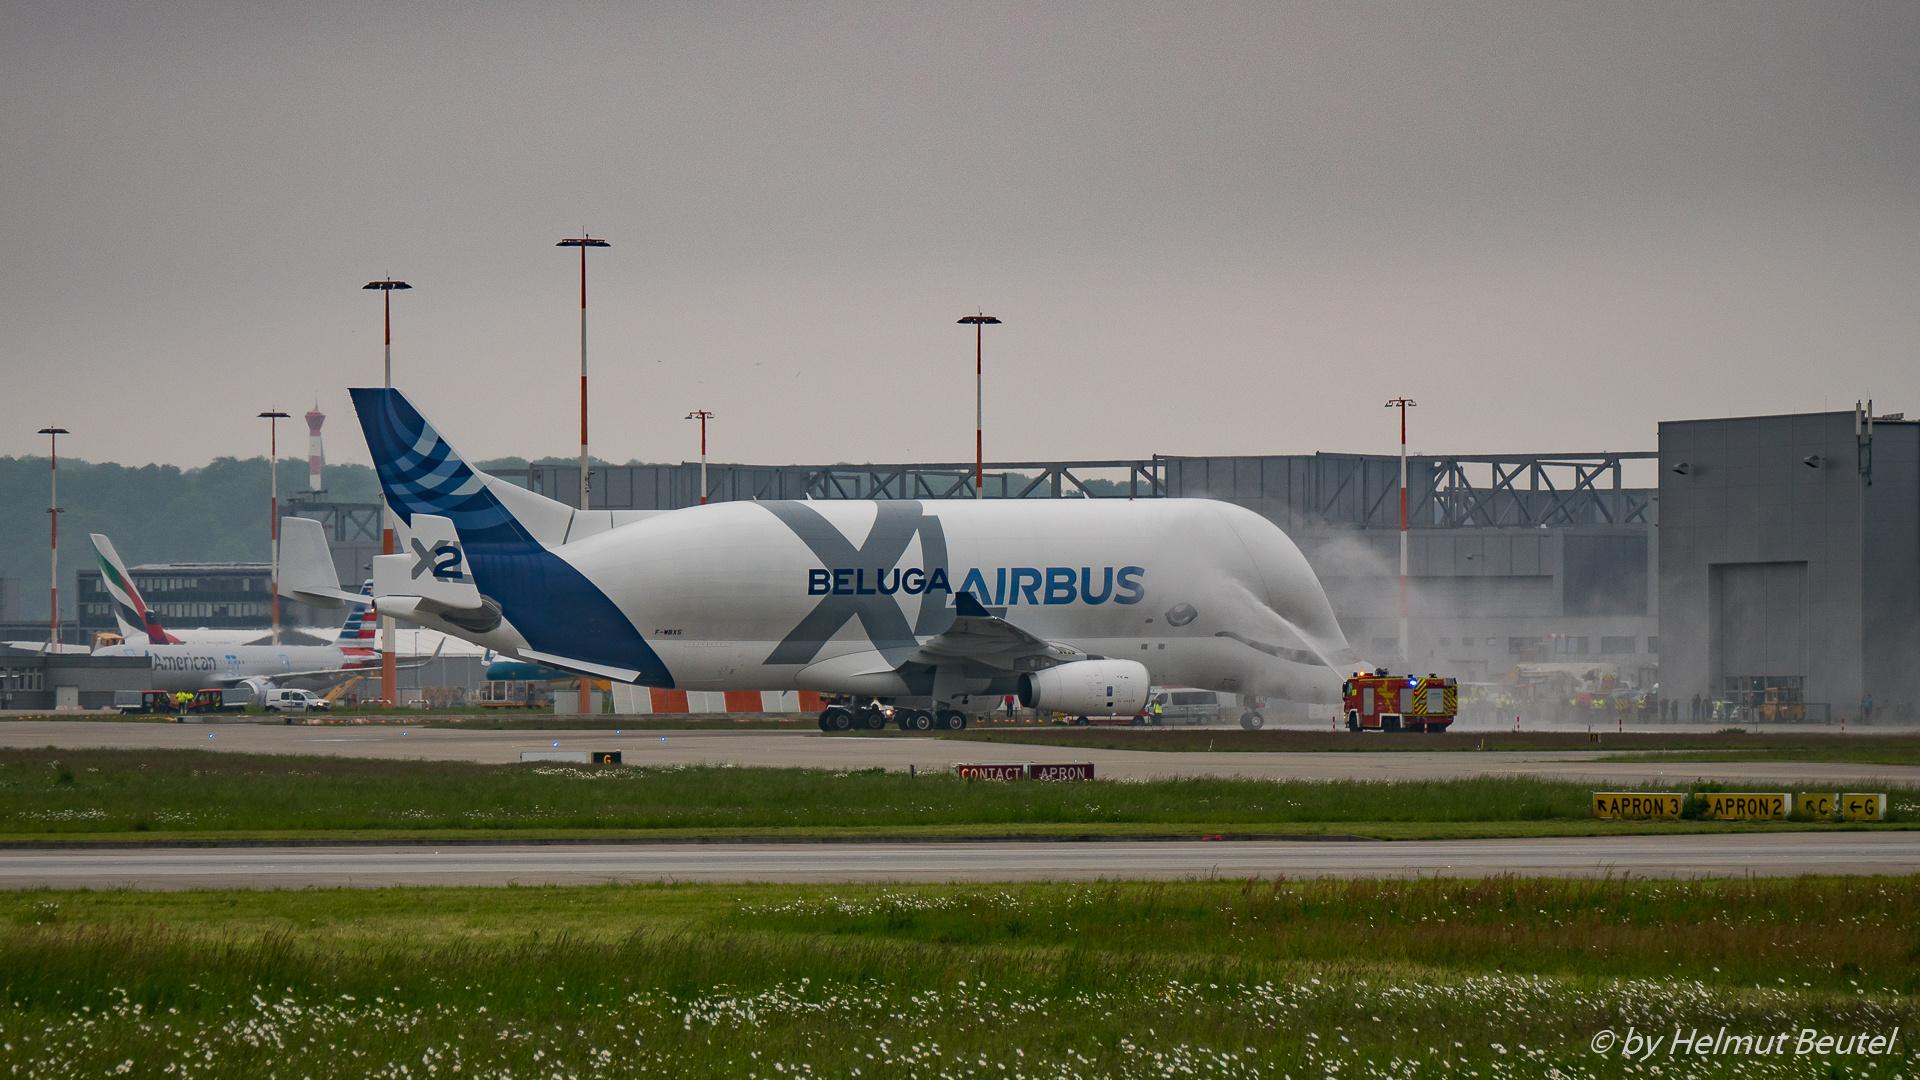 AIRBUS Beluga XL - Begrüßung